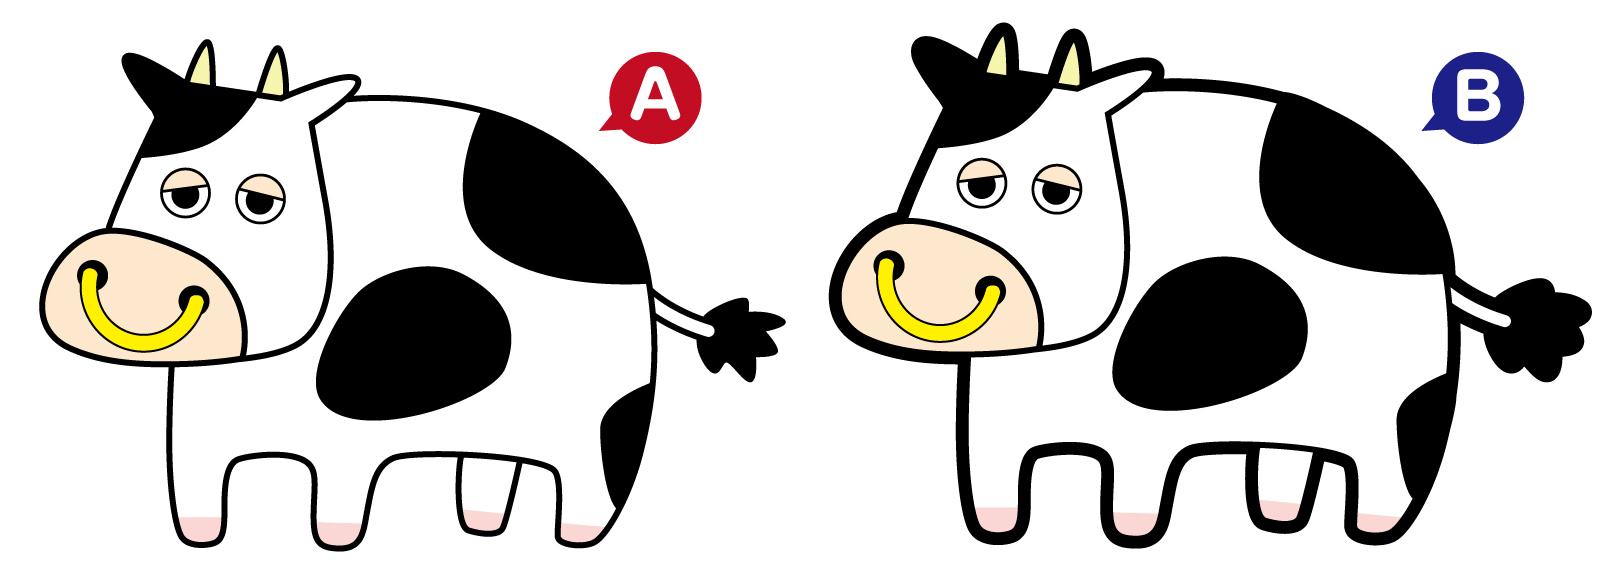 アウトラインがある牛とない牛のイラスト